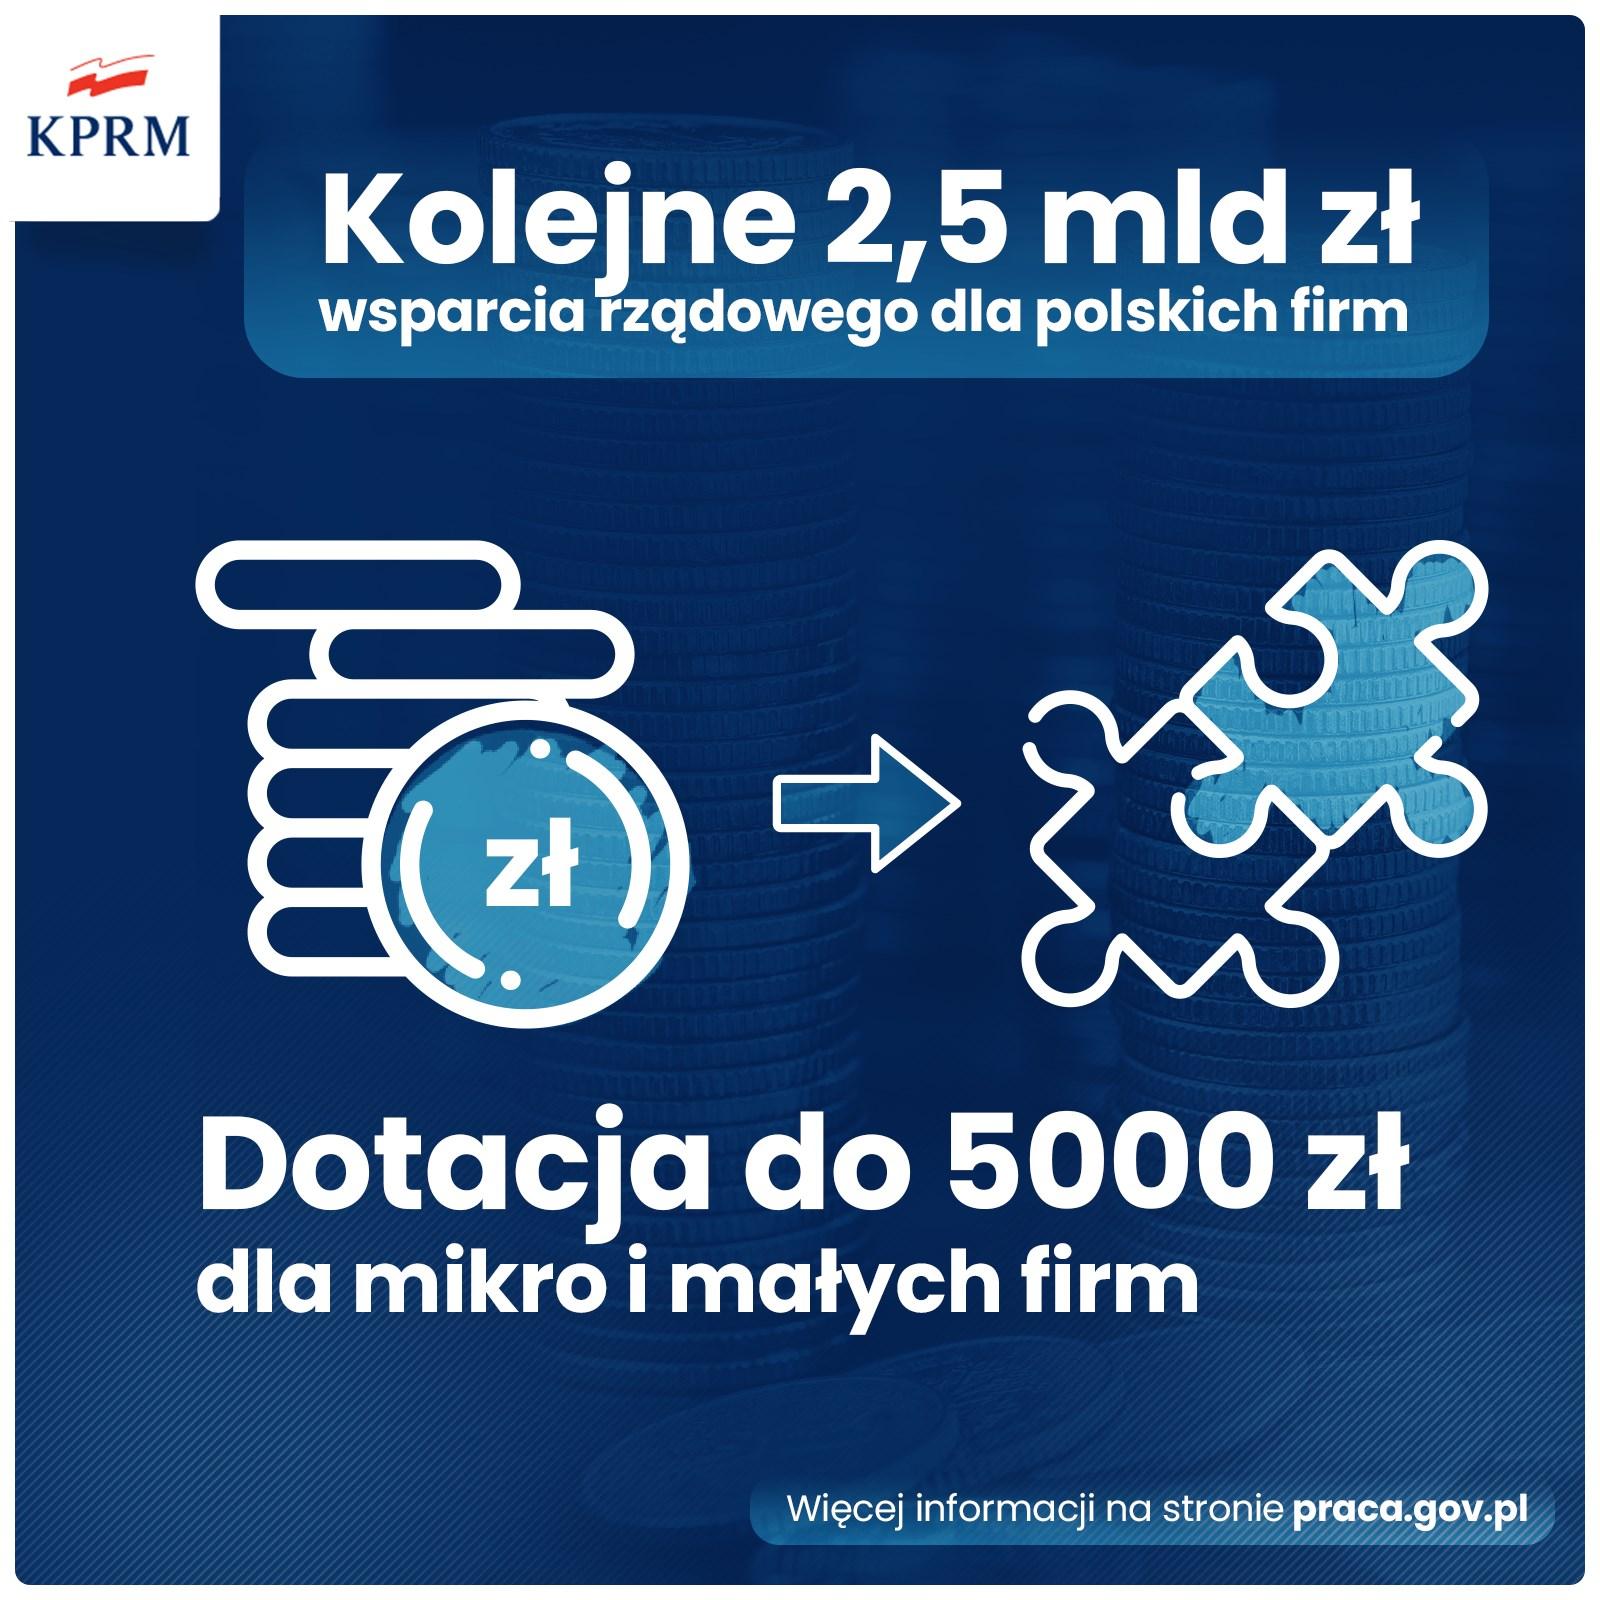 Tarcza Branżowa to pomoc dla polskich przedsiębiorców